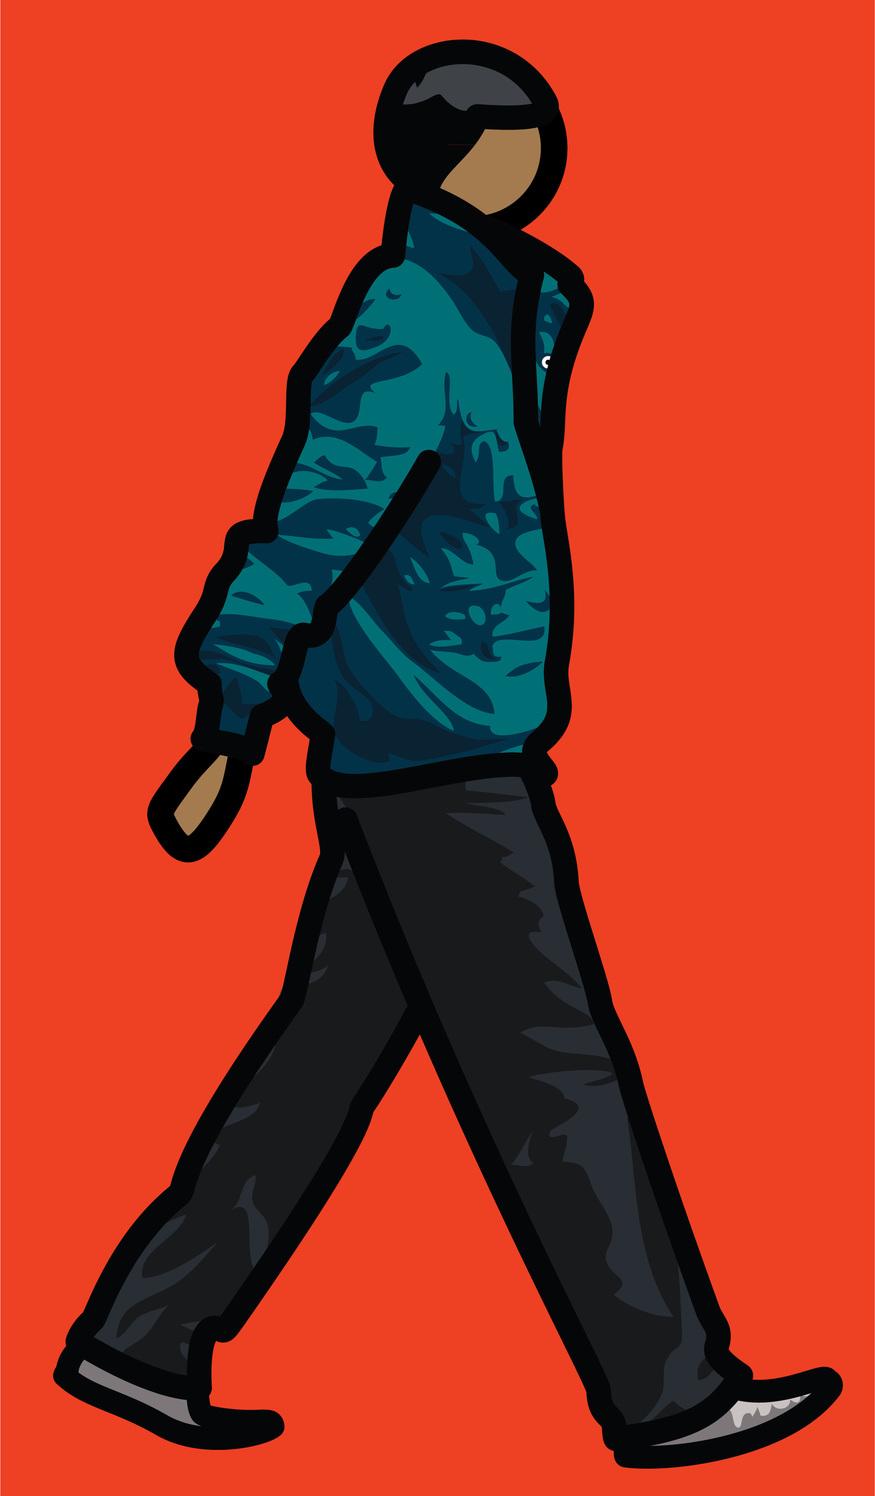 Julian Opie, Man in parka. © Julian Opie and Lisson Gallery